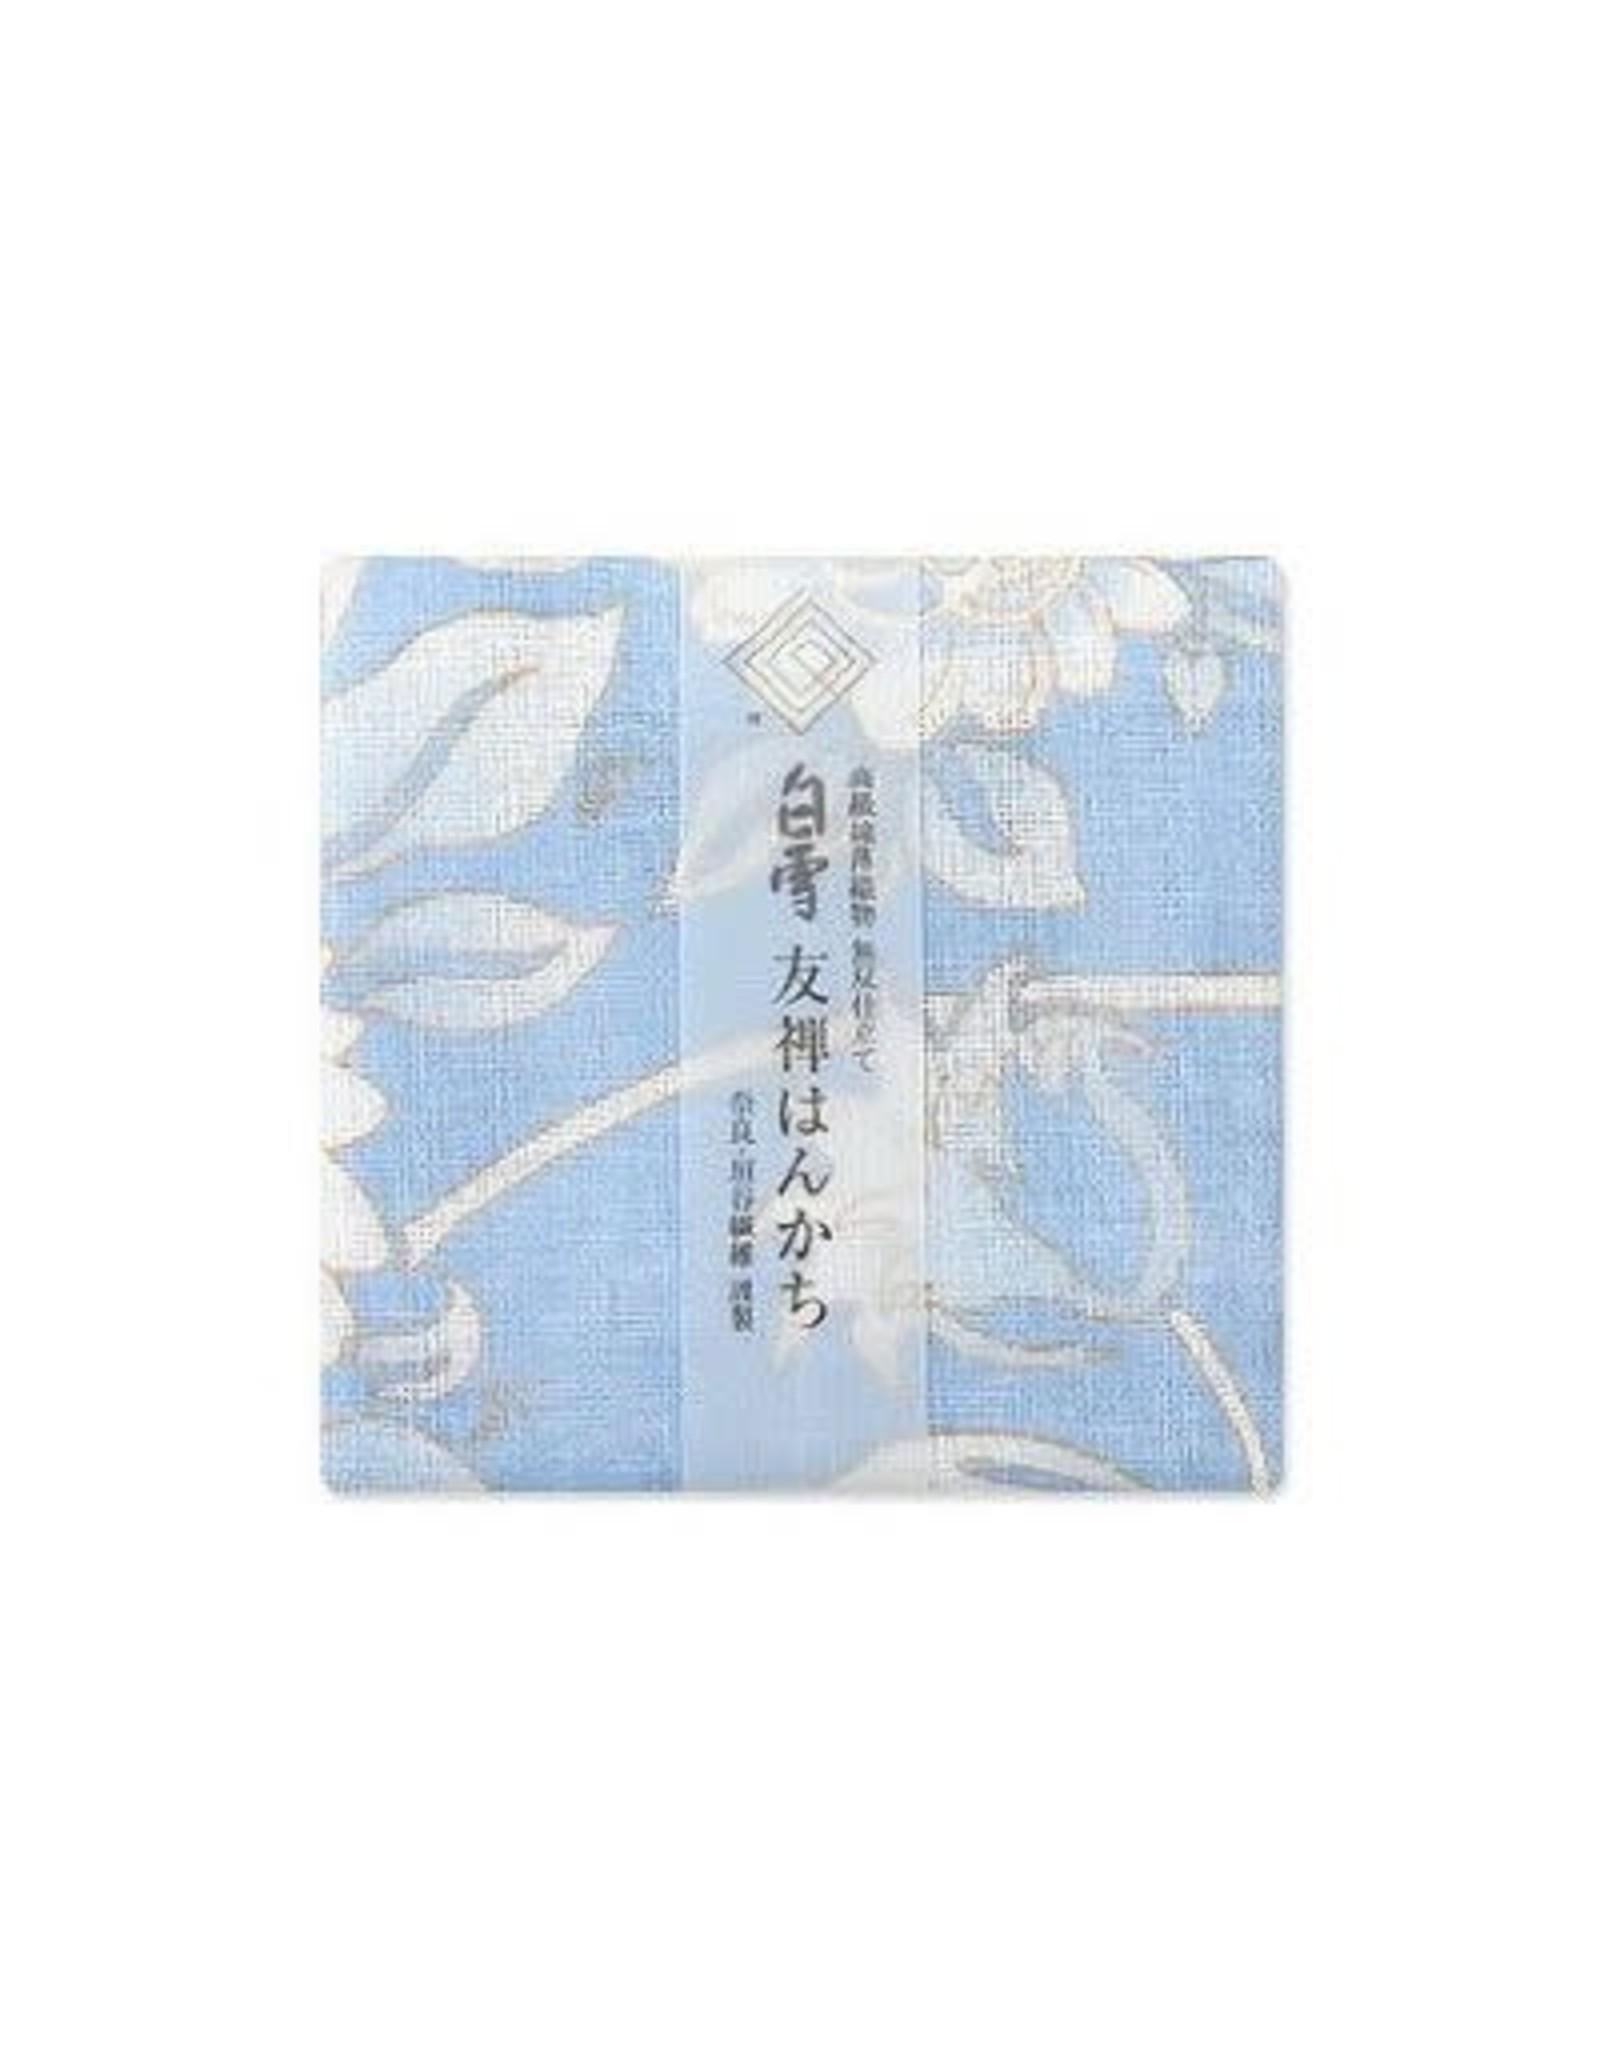 Shirayuki Fukin Co., Ltd. SHIRAYUKI FUKIN HANDKERCHIEF 30cm x 30 cm HIMAWARI BLUE